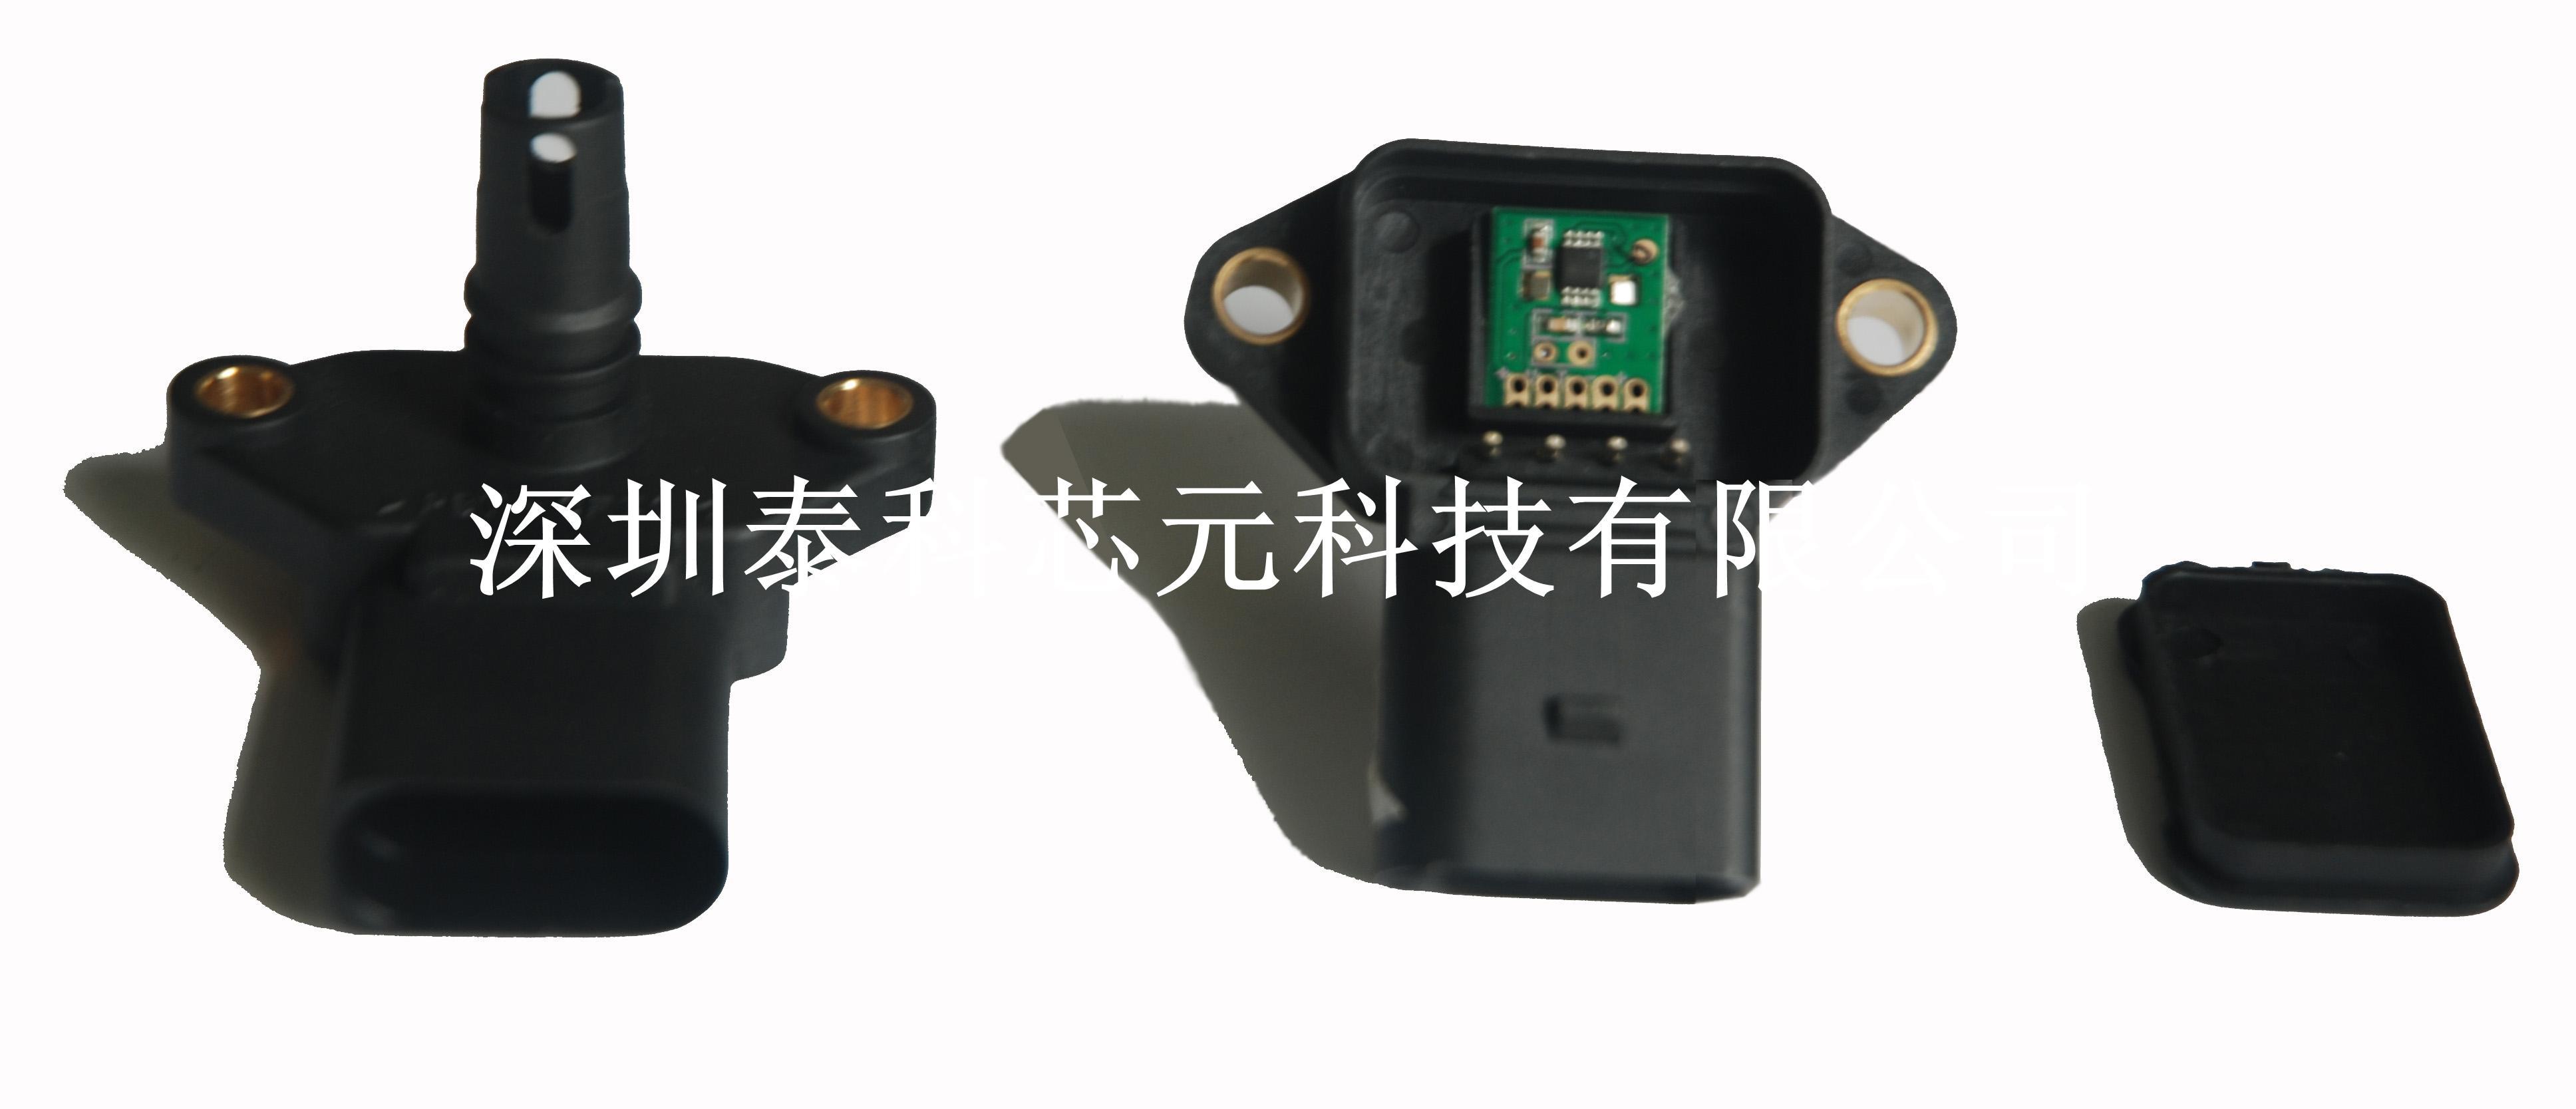 汽车 进气 压力传感器 , 汽车 进气 压力传感器 价格高清图片